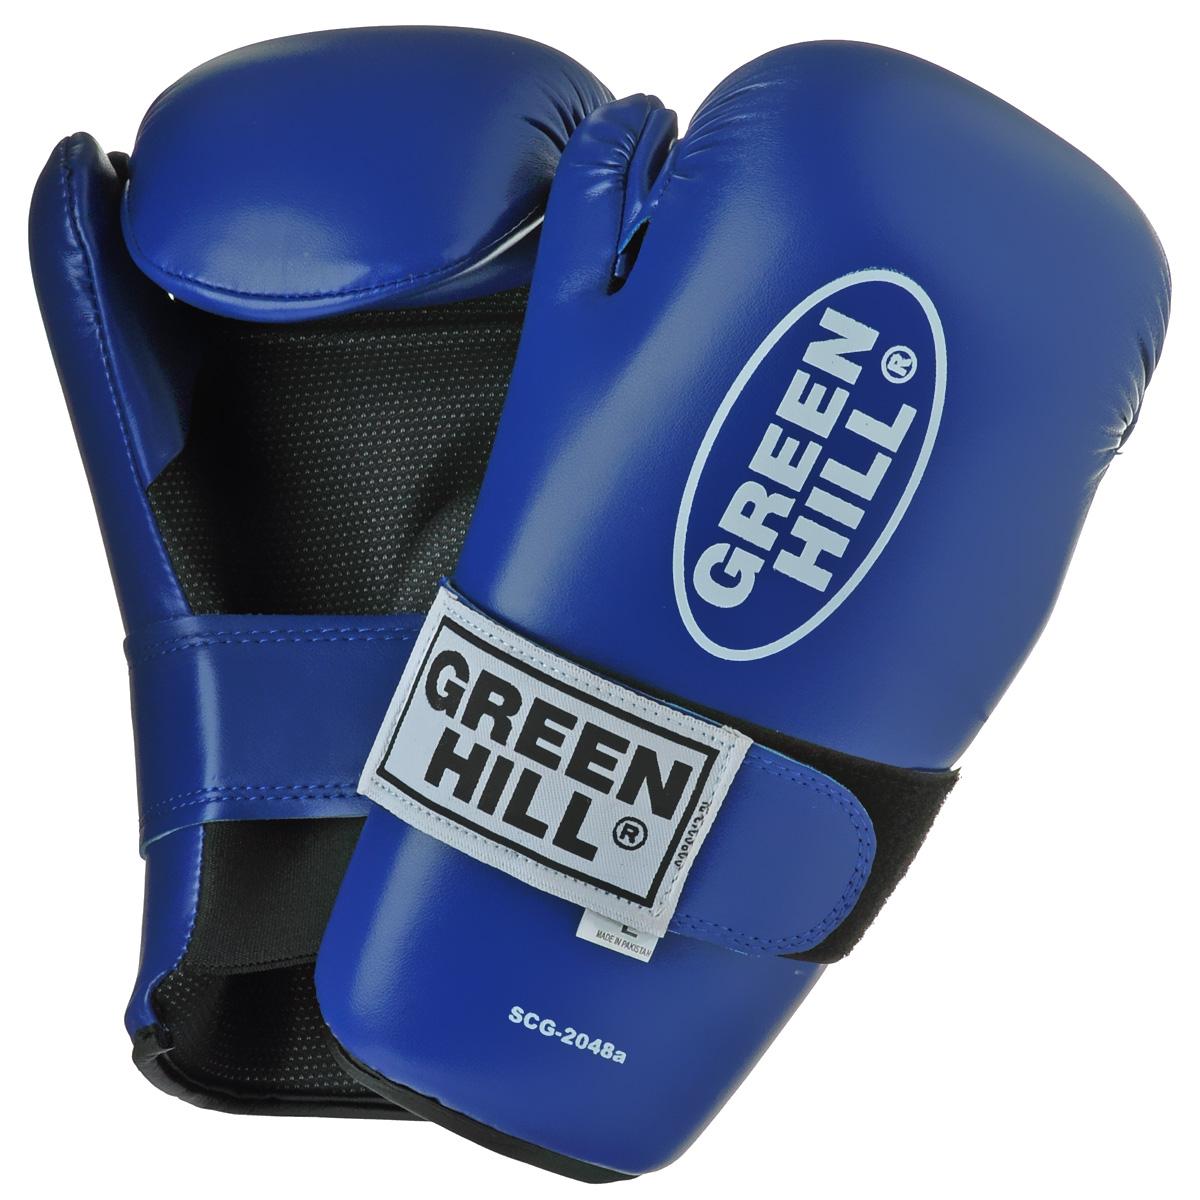 Перчатки для контактных единоборств Green Hill 7-contact, цвет: синий. Размер XLAIRWHEEL M3-162.8Накладки Green Hill 7-contact для контактных видов единоборств семиконтакт. Идеально подходят для обучения, спаррингов и соревнований. Перчатки выполнены из высококачественной. Широкий ремень, охватывая запястье, полностью оборачивается вокруг манжеты, благодаря чему создается дополнительная защита лучезапястного сустава от травмирования. Застежка на липучке способствует быстрому и удобному одеванию перчаток, плотно фиксирует перчатки на руке.